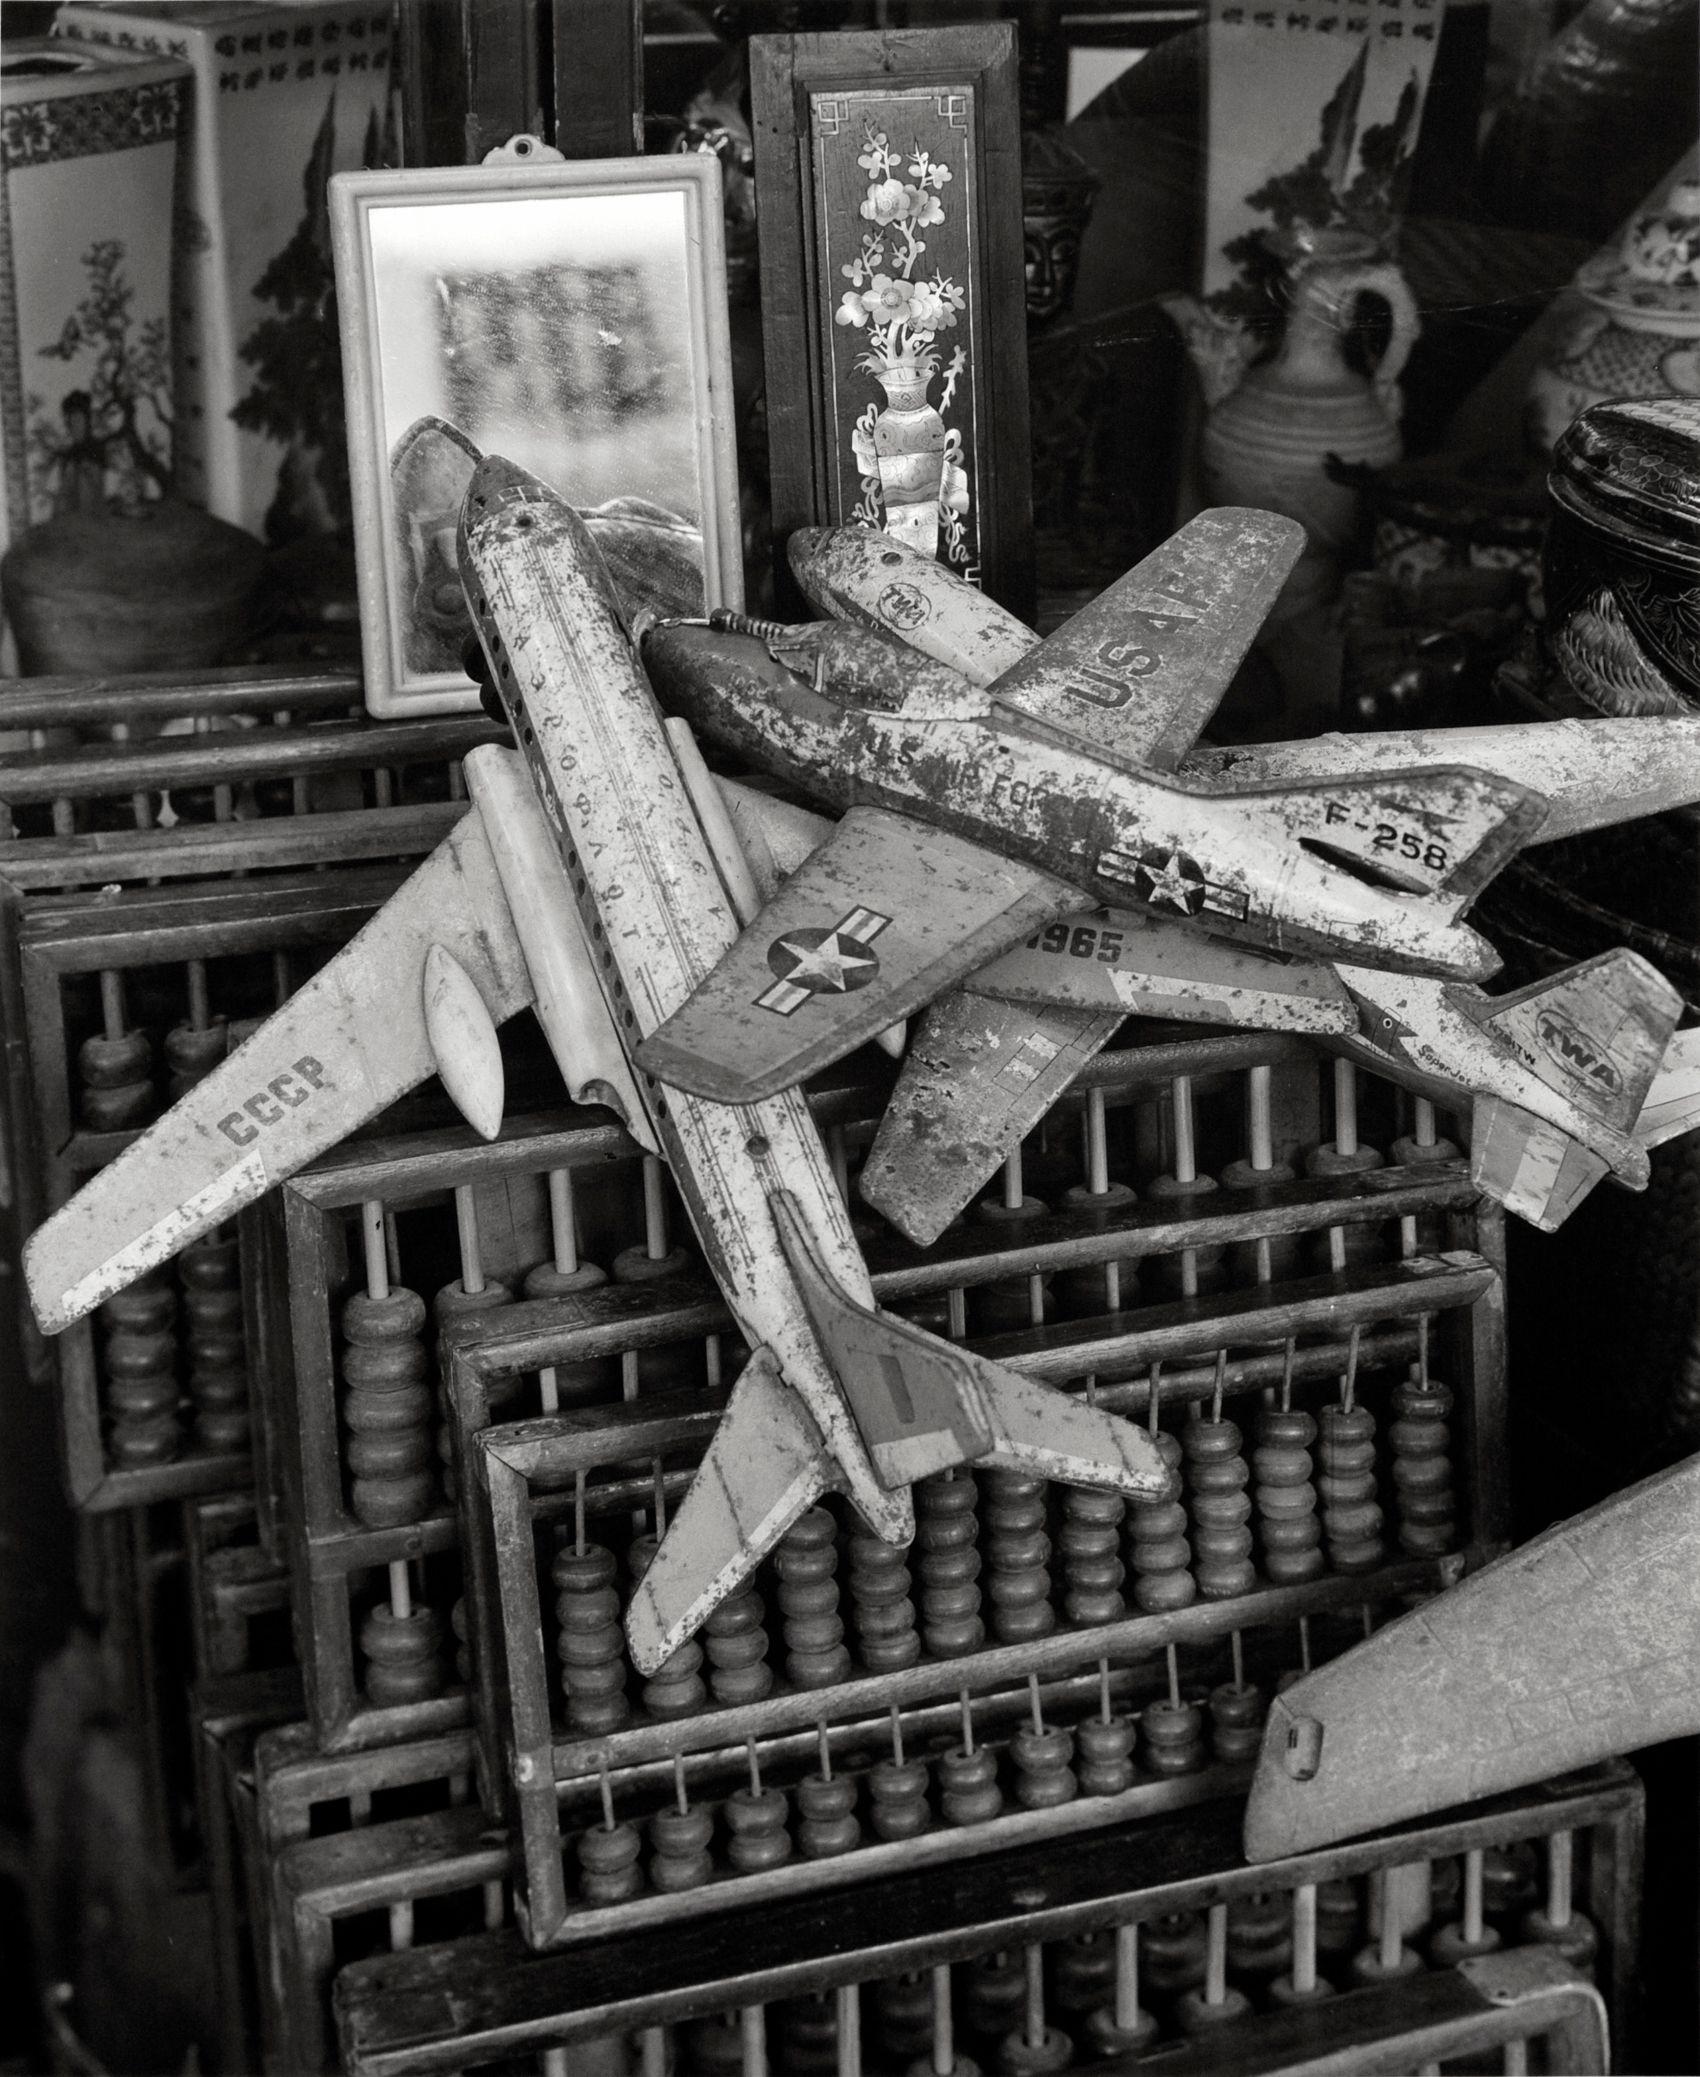 Toy Planes, Saigon